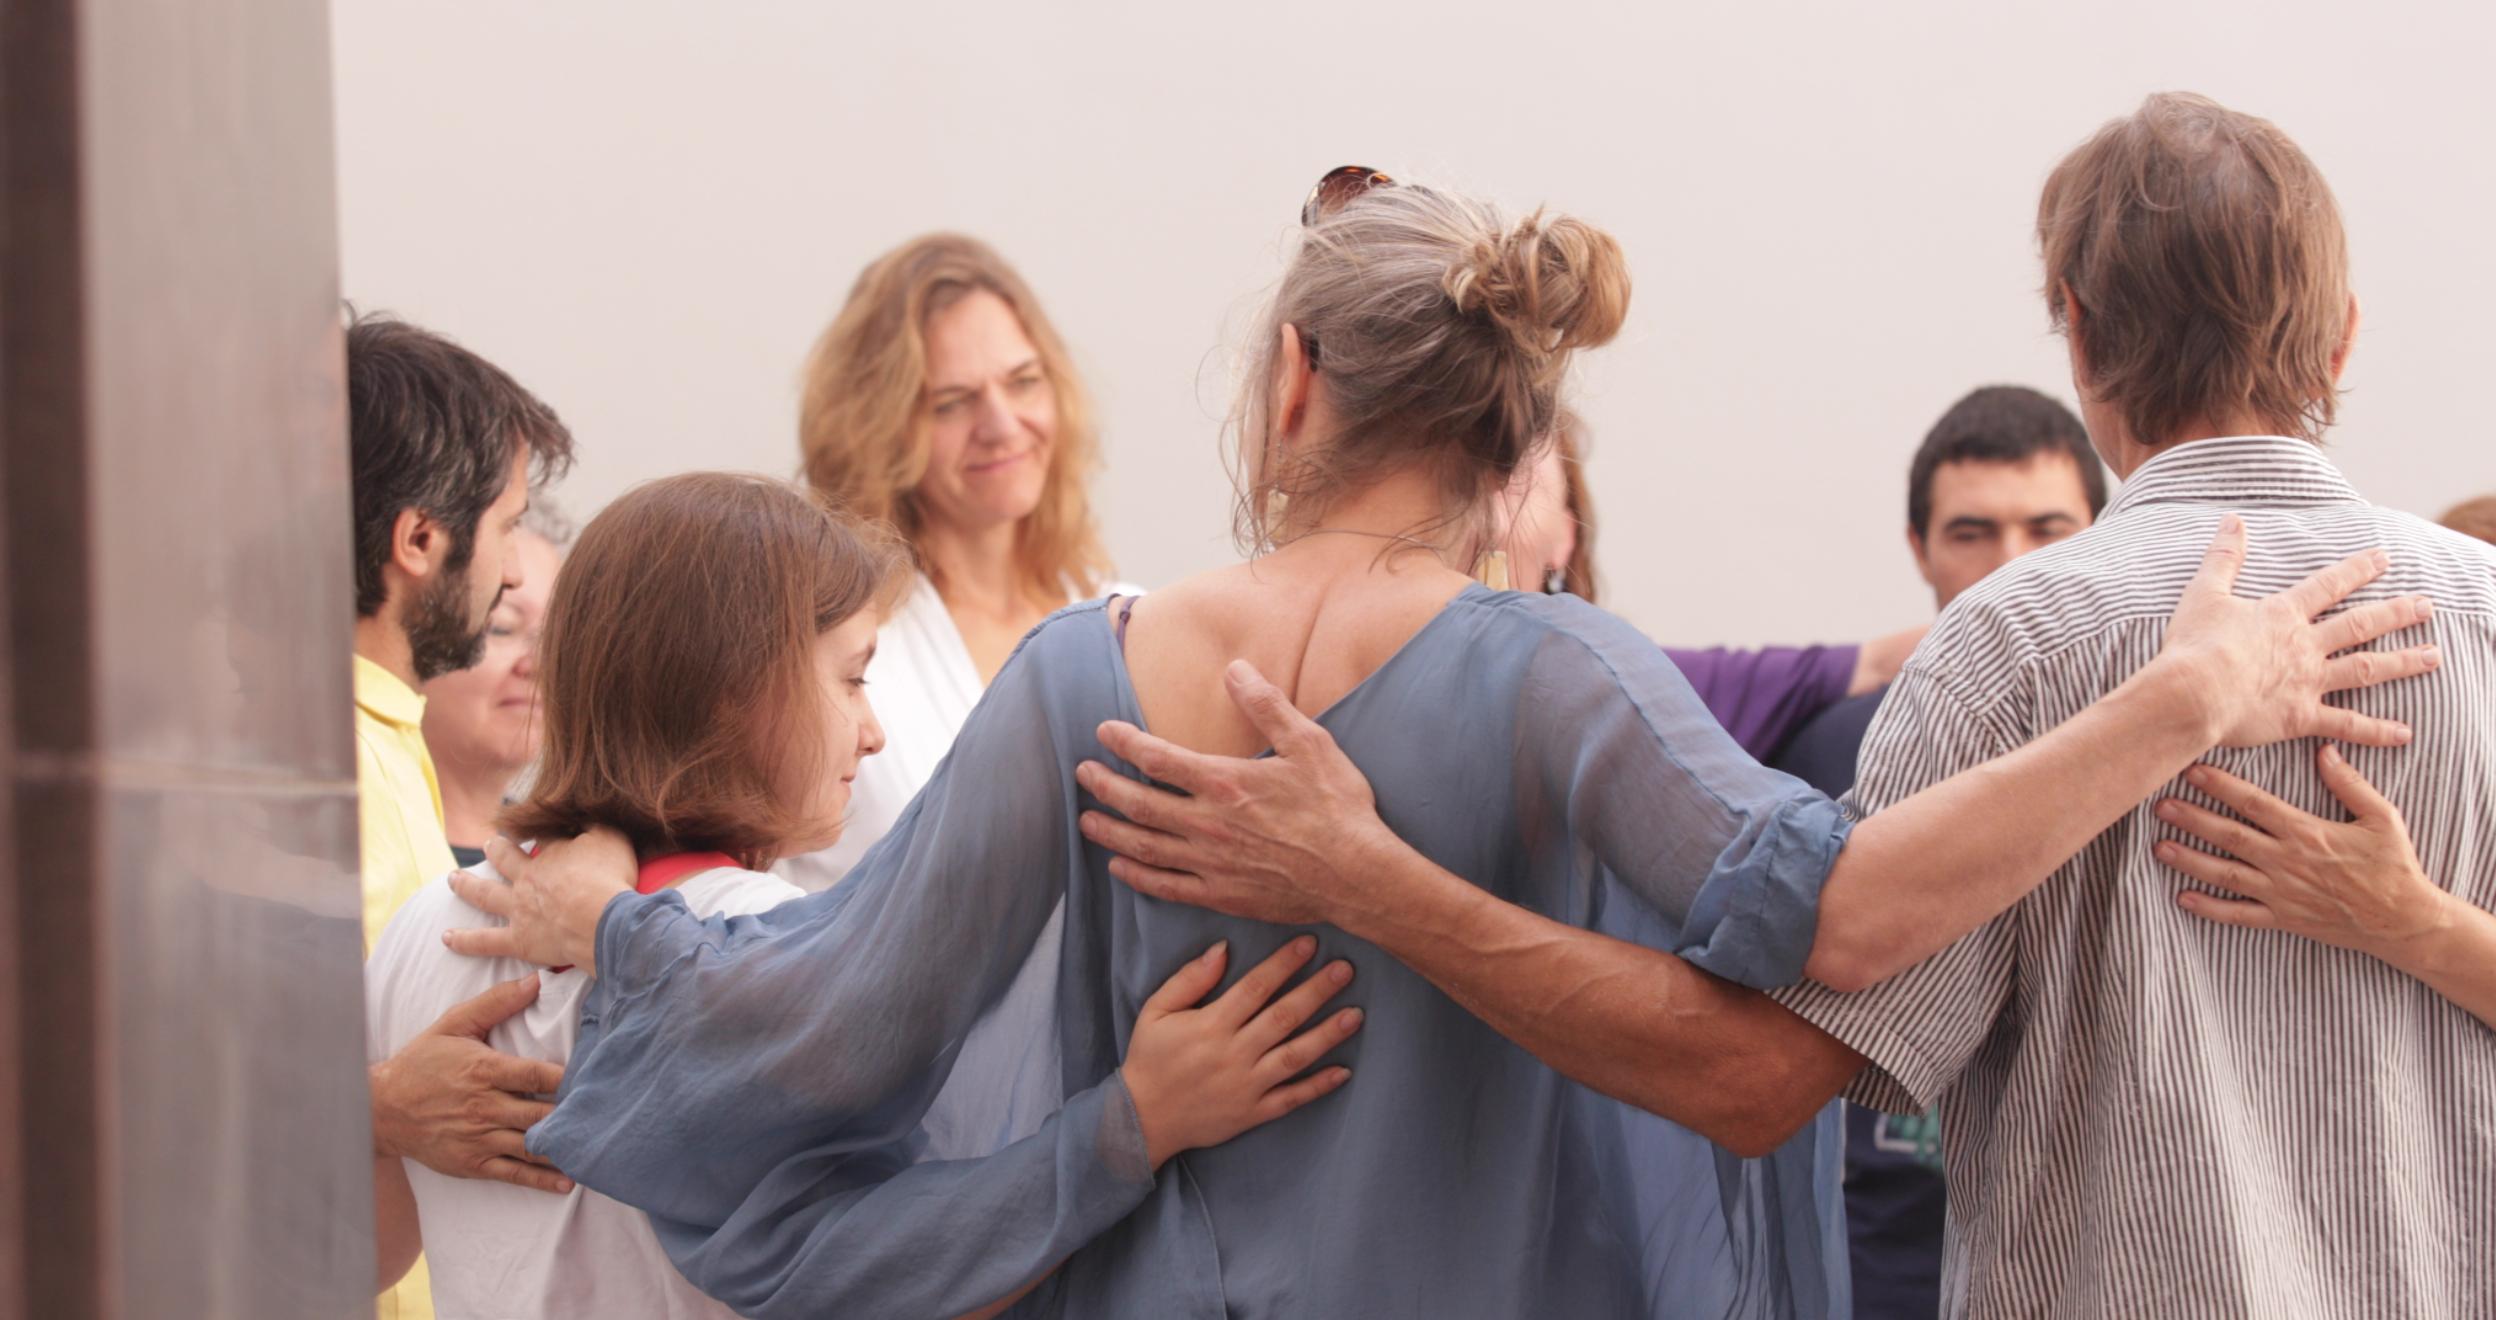 El tacto es el arte de la conexión humana - Mindful-Touch Education, la práctica empática de conexión, comunicación y compasión, es el proceso de estar en el presente, en el aquí y ahora, y entender el propio cuerpo.Nuestra observación y experiencia en la percepción del tacto puede ser un mundo iluminado por nuestra propia luz interna.